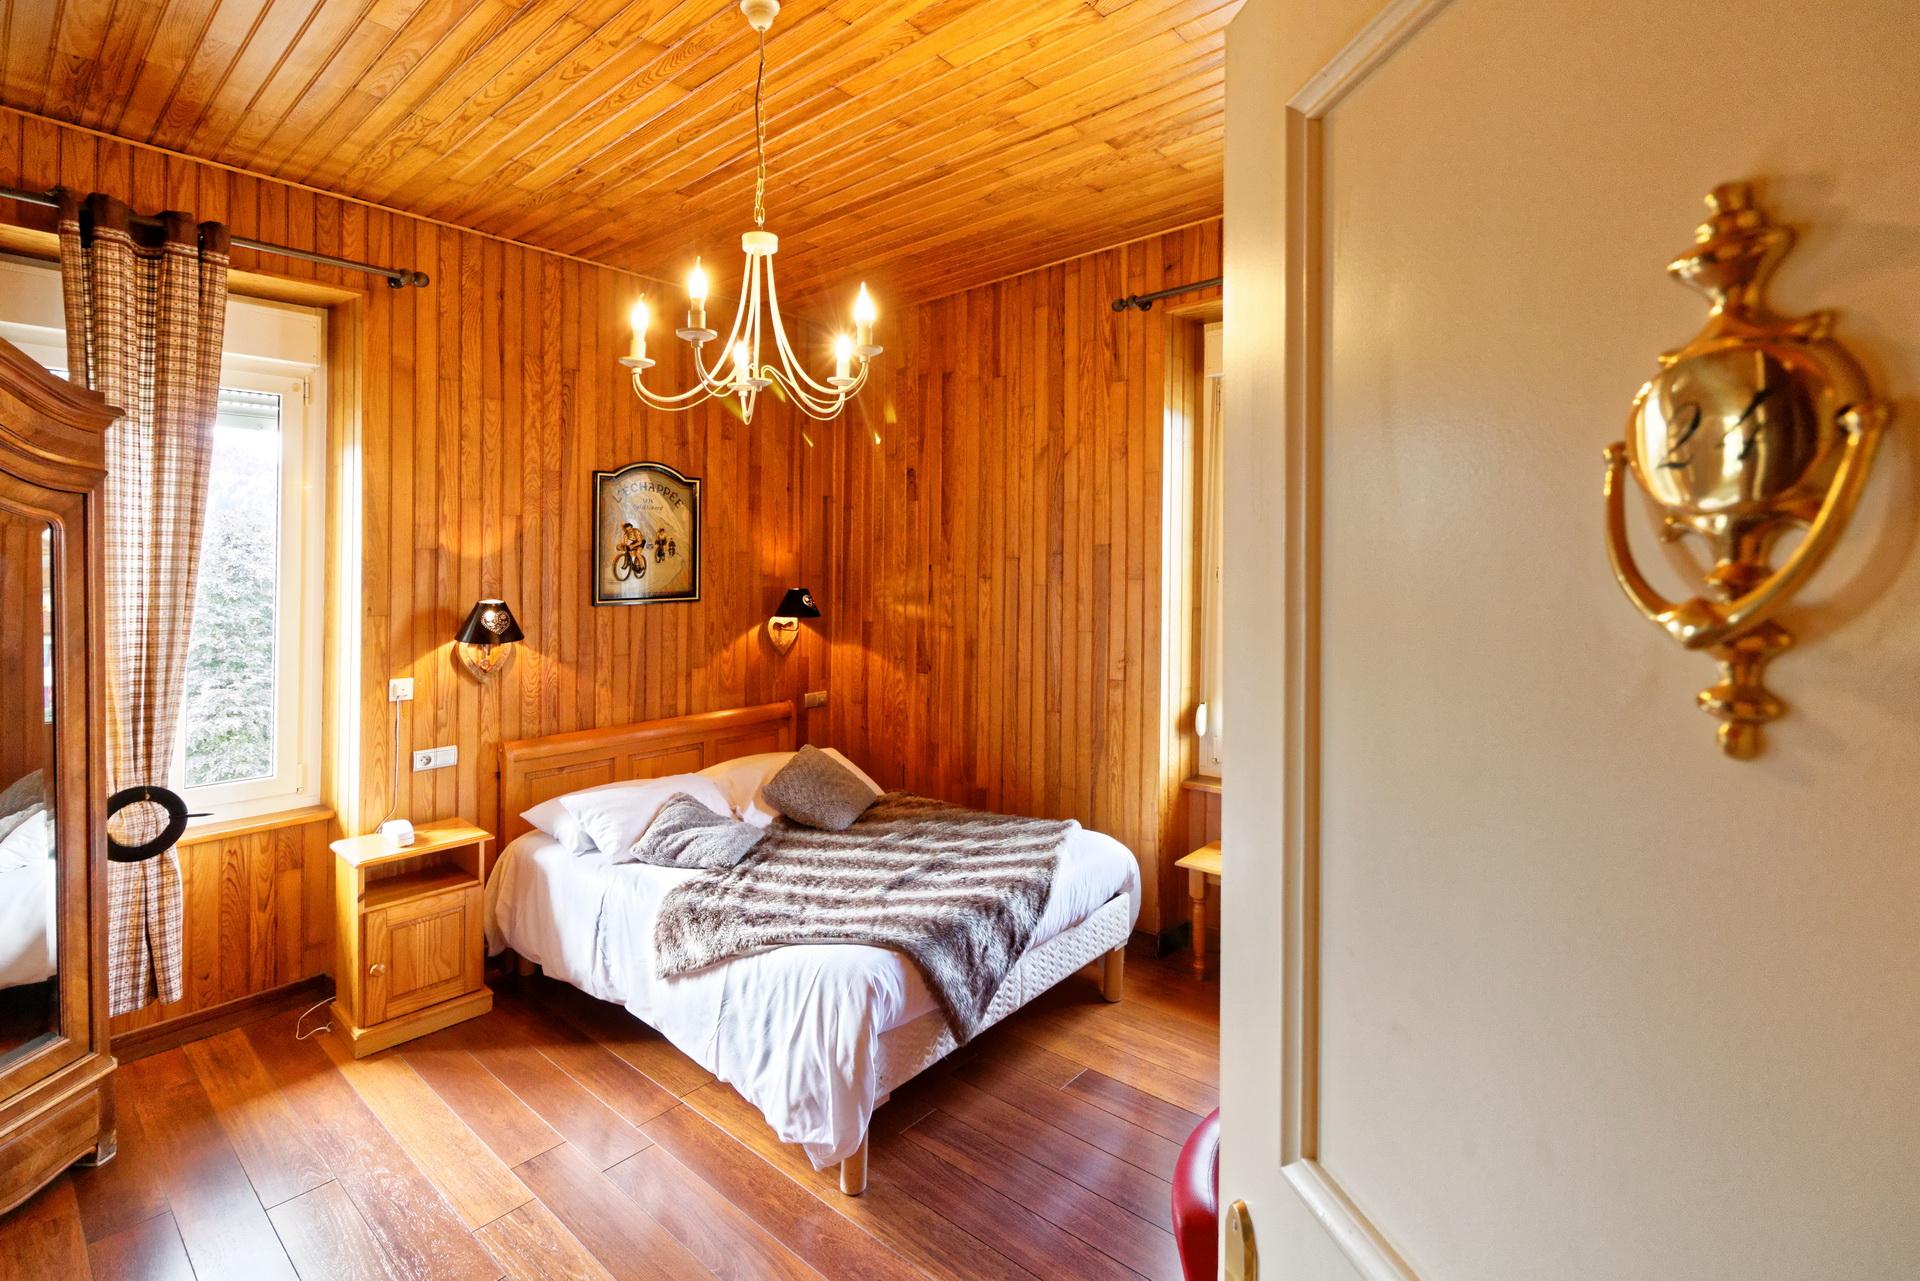 Chambres h tel g rardmer famille 5 personnes h tel des - Hotel paris chambre 5 personnes ...